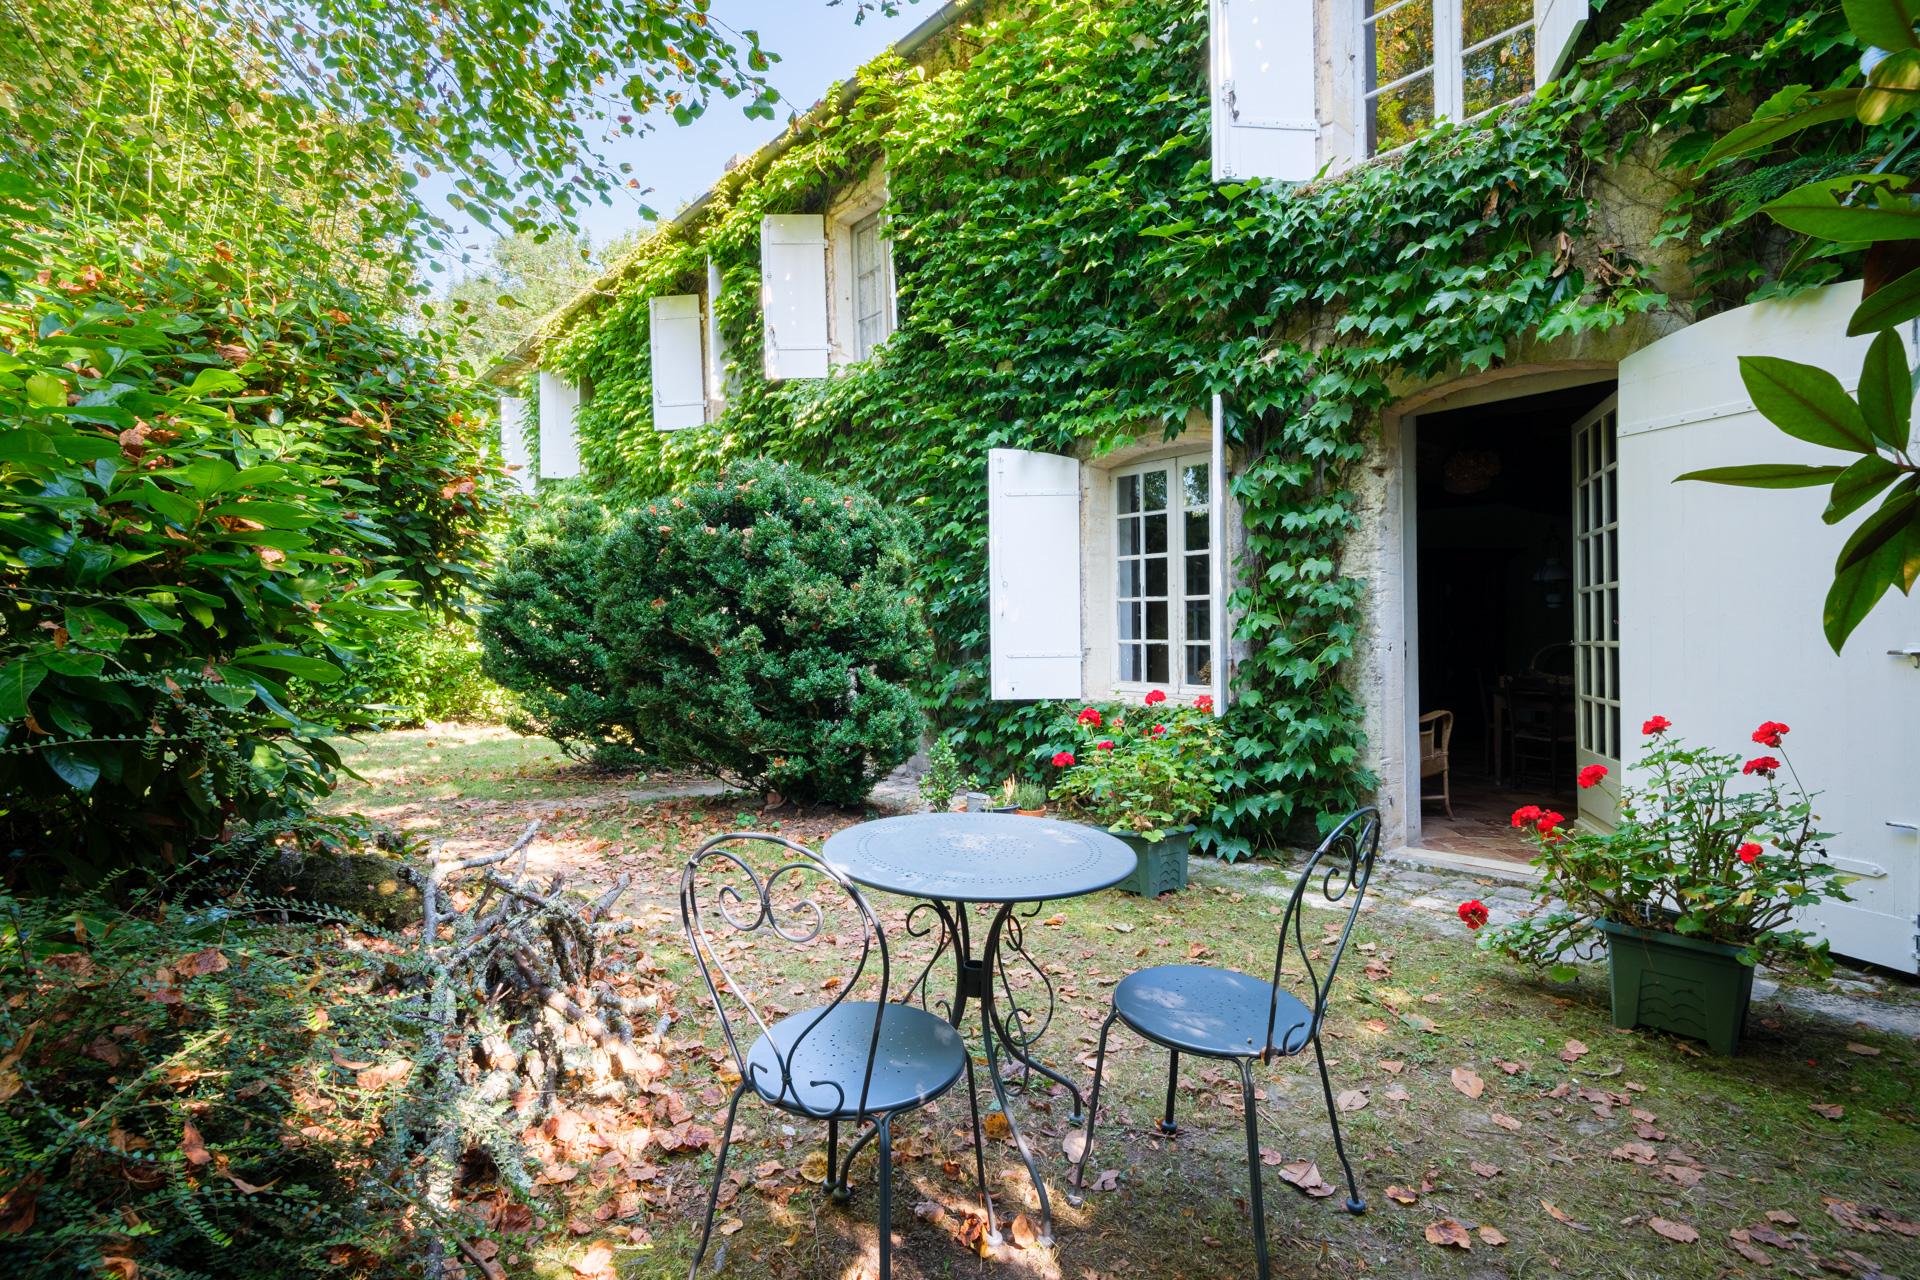 Photo immobilière sur Bordeaux et la Gironde - photographe immobilier